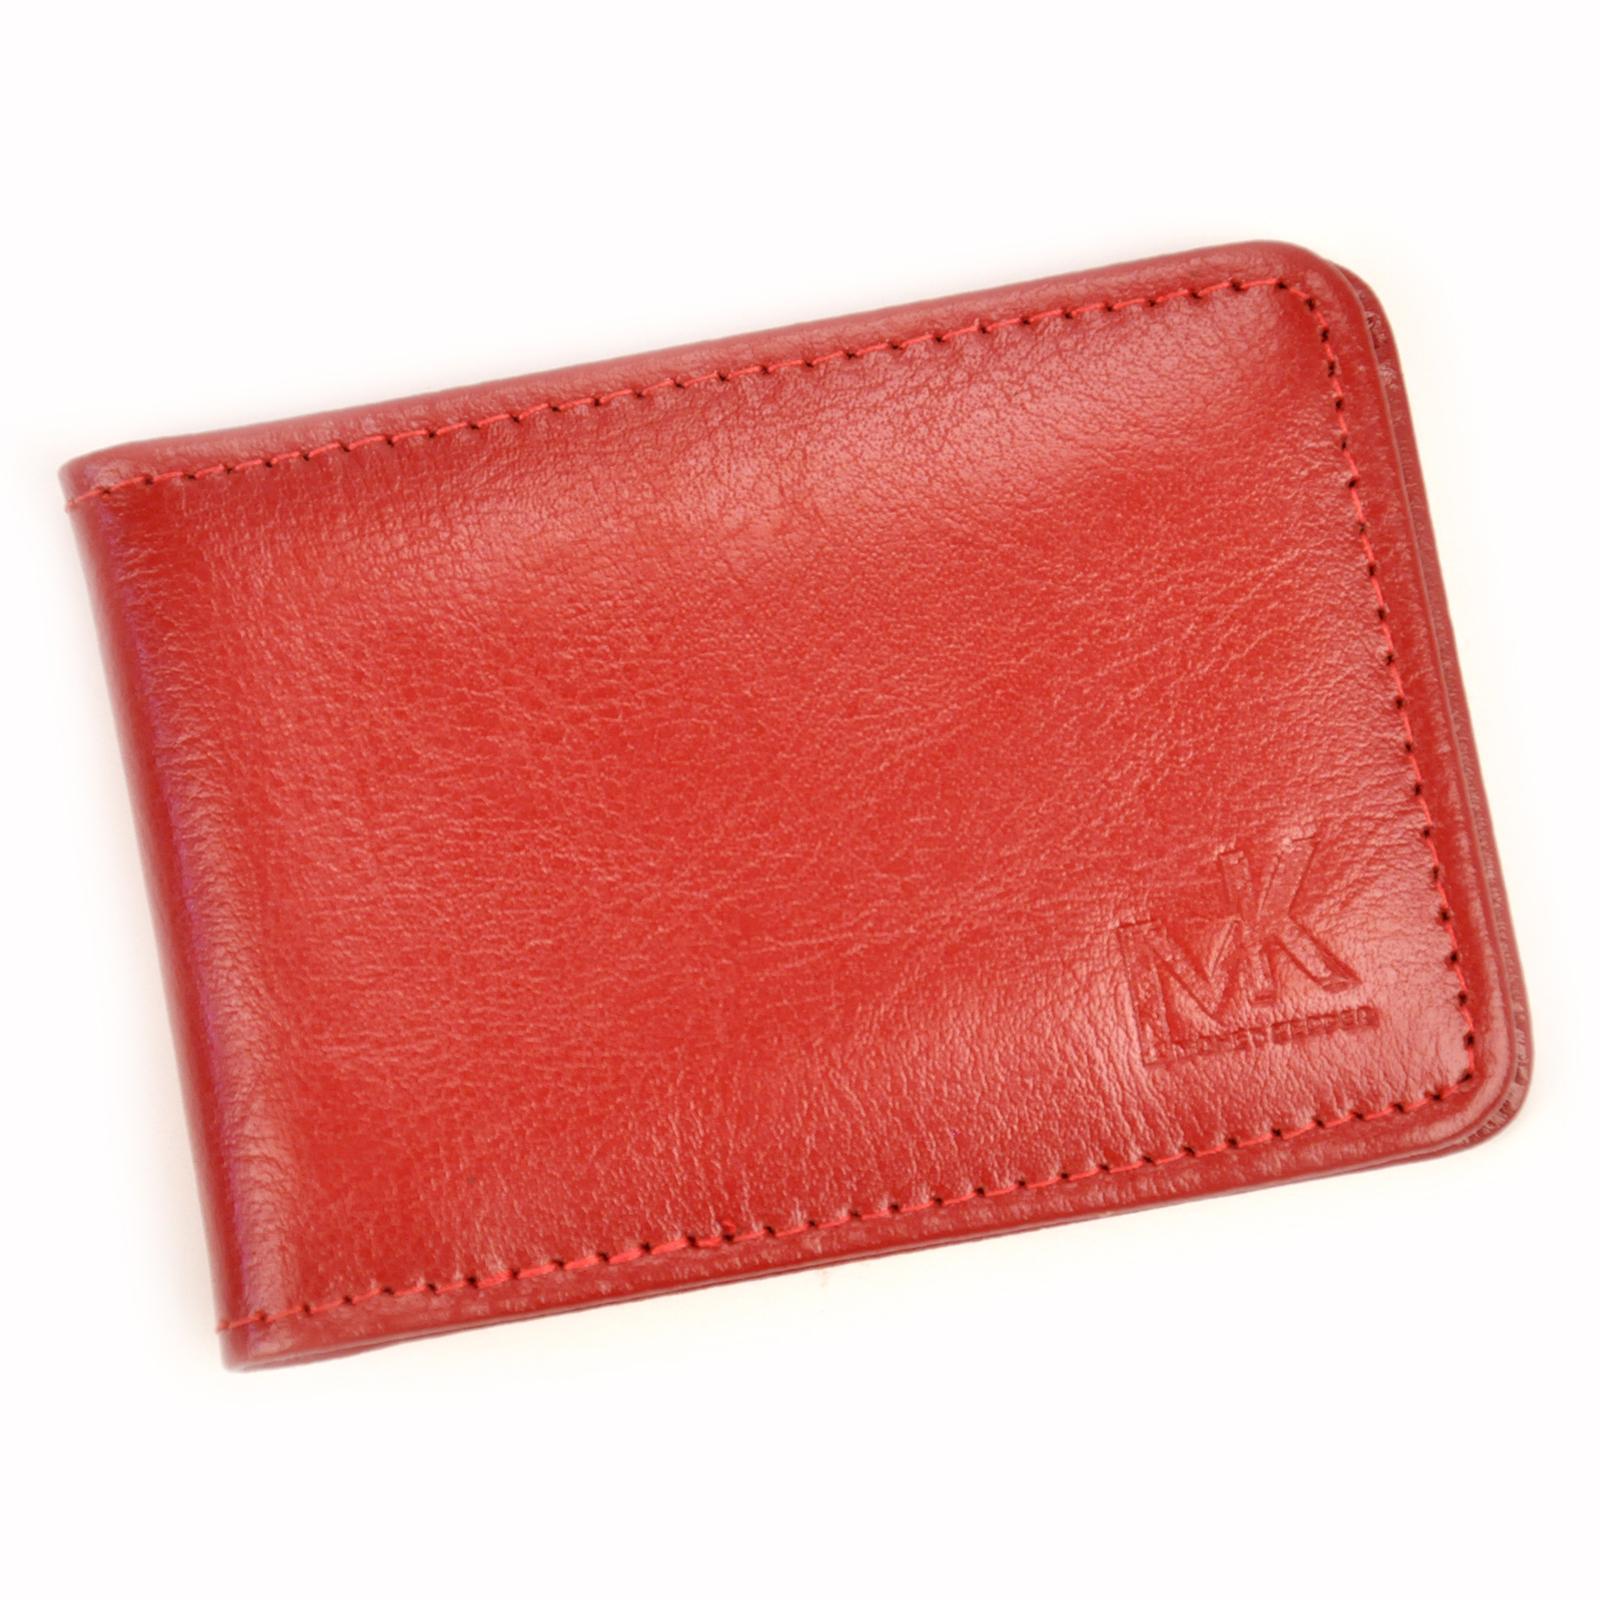 Kožené puzdro na doklady Money Kepper R7004